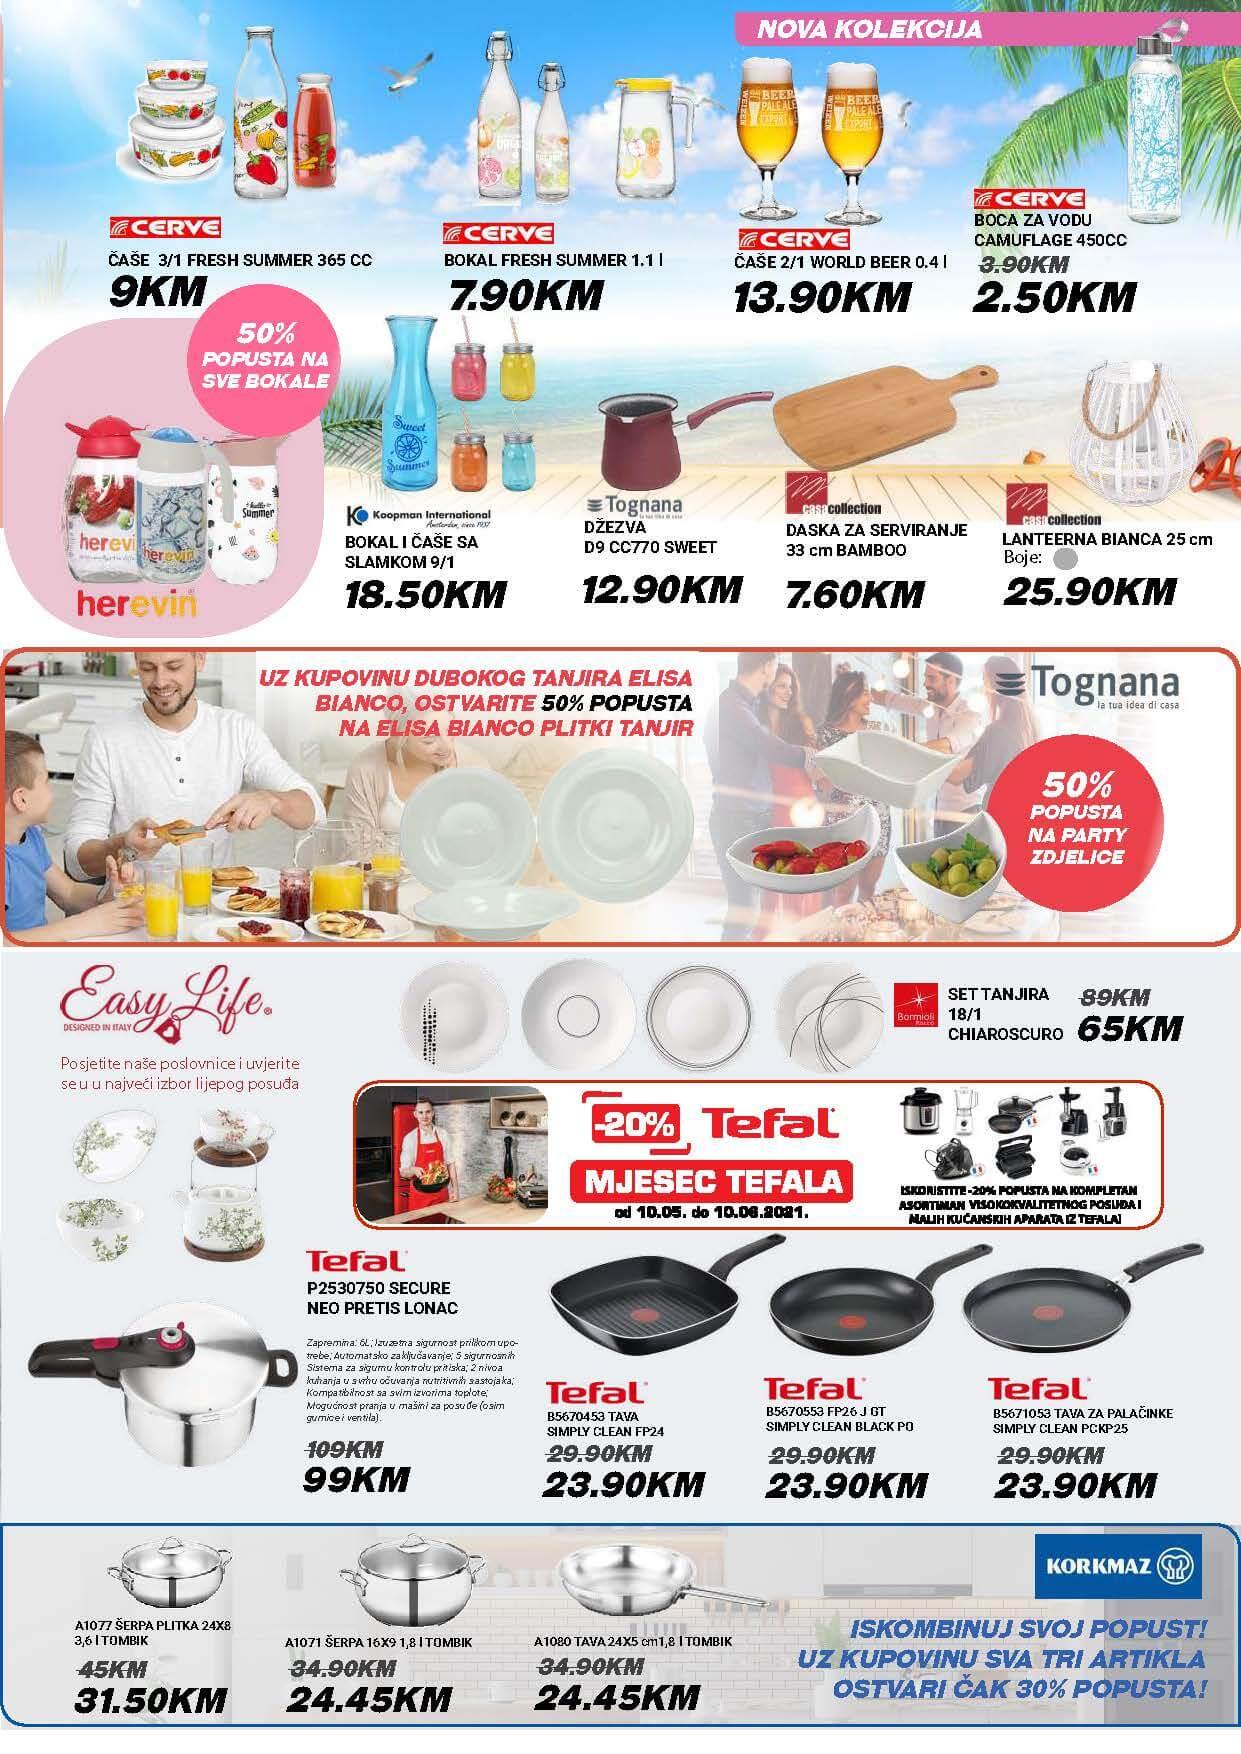 DOMOD Katalog Akcija JUN 2021 29.05.2021. 24.06.2021. eKatalozi.com PR Page 15